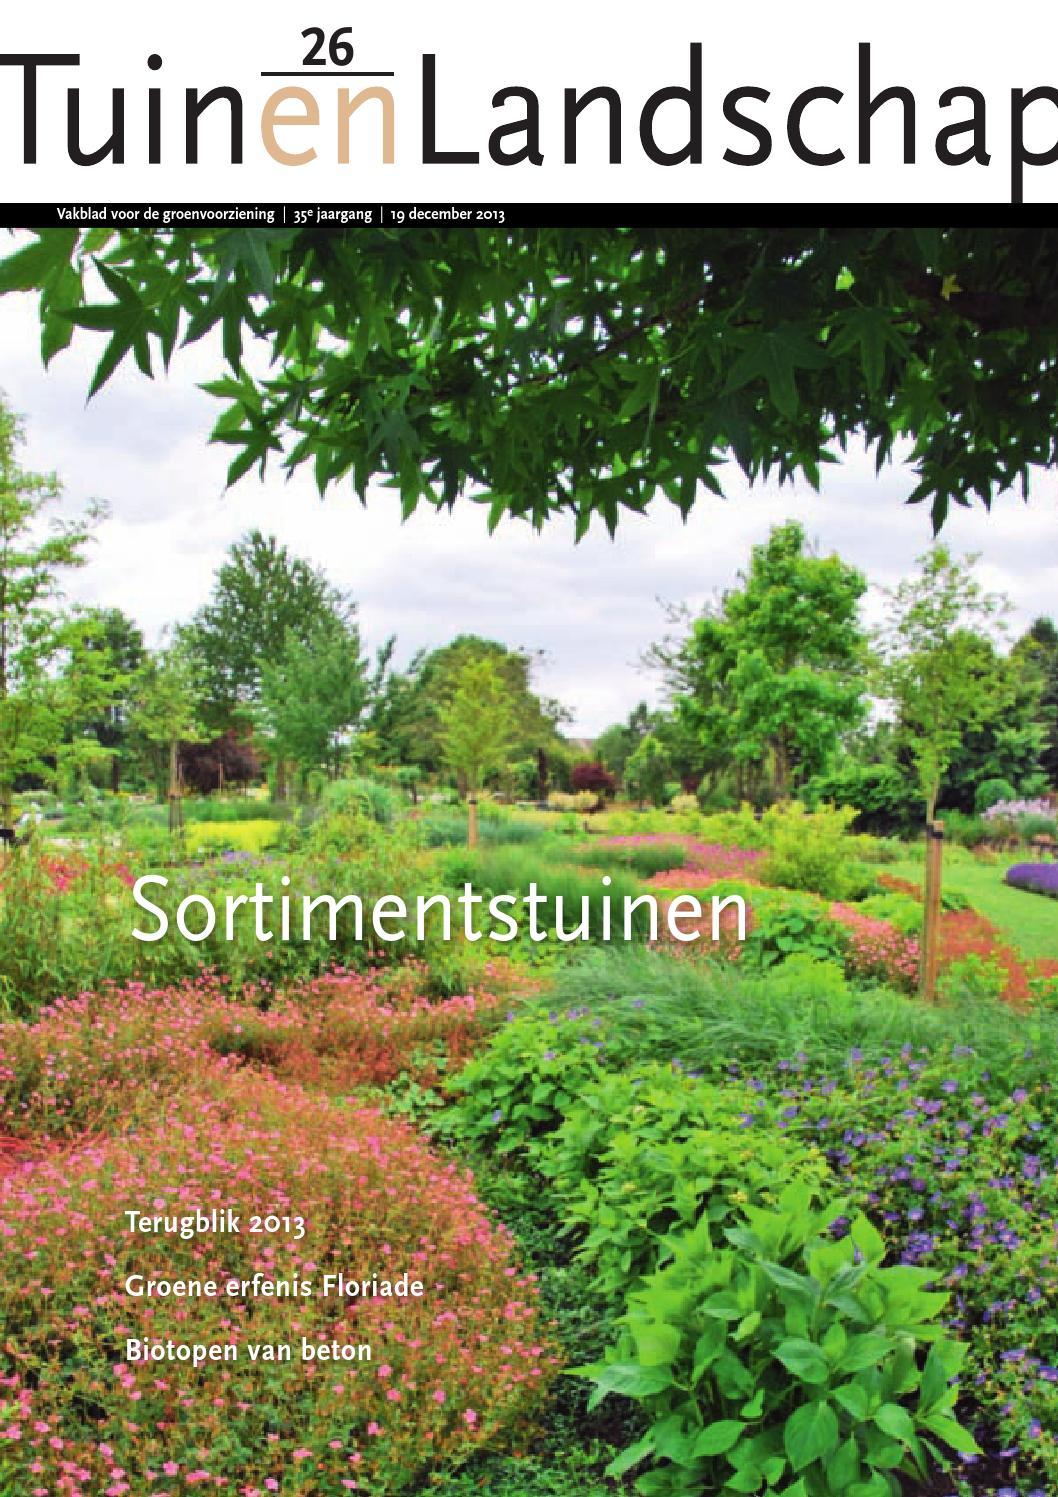 Tuin en landschap 26 by stichting vakinformatie siergewassen   issuu